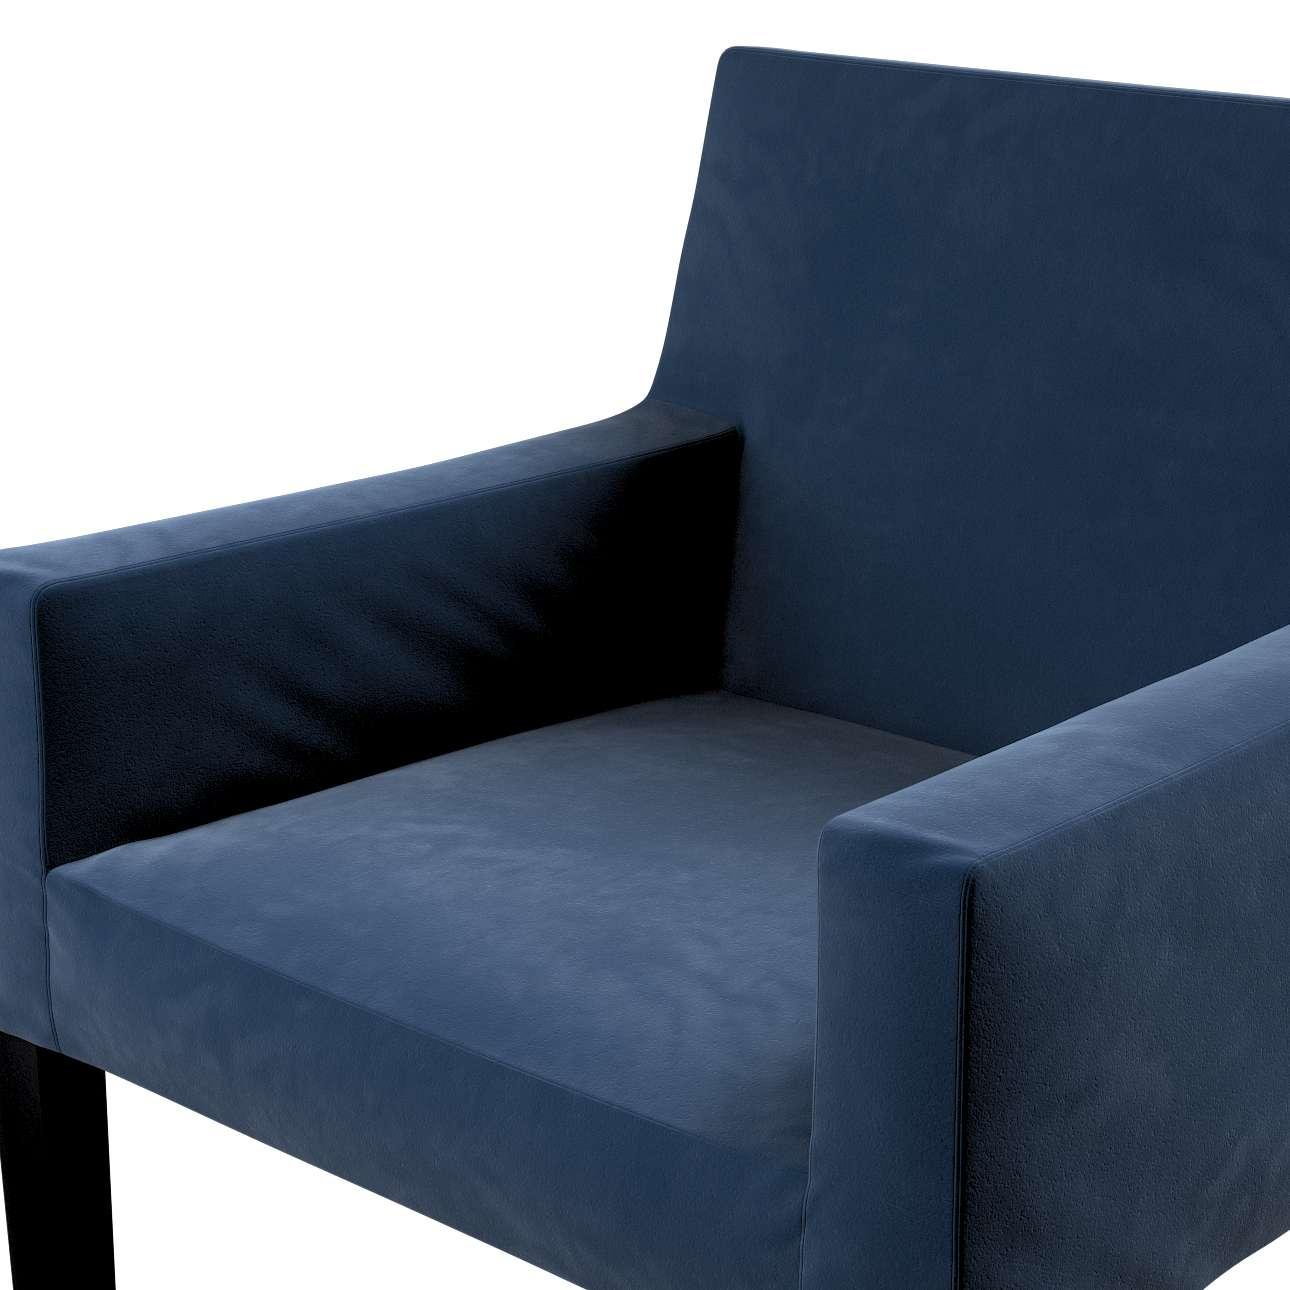 Sukienka na krzesło Nils w kolekcji Velvet, tkanina: 704-29